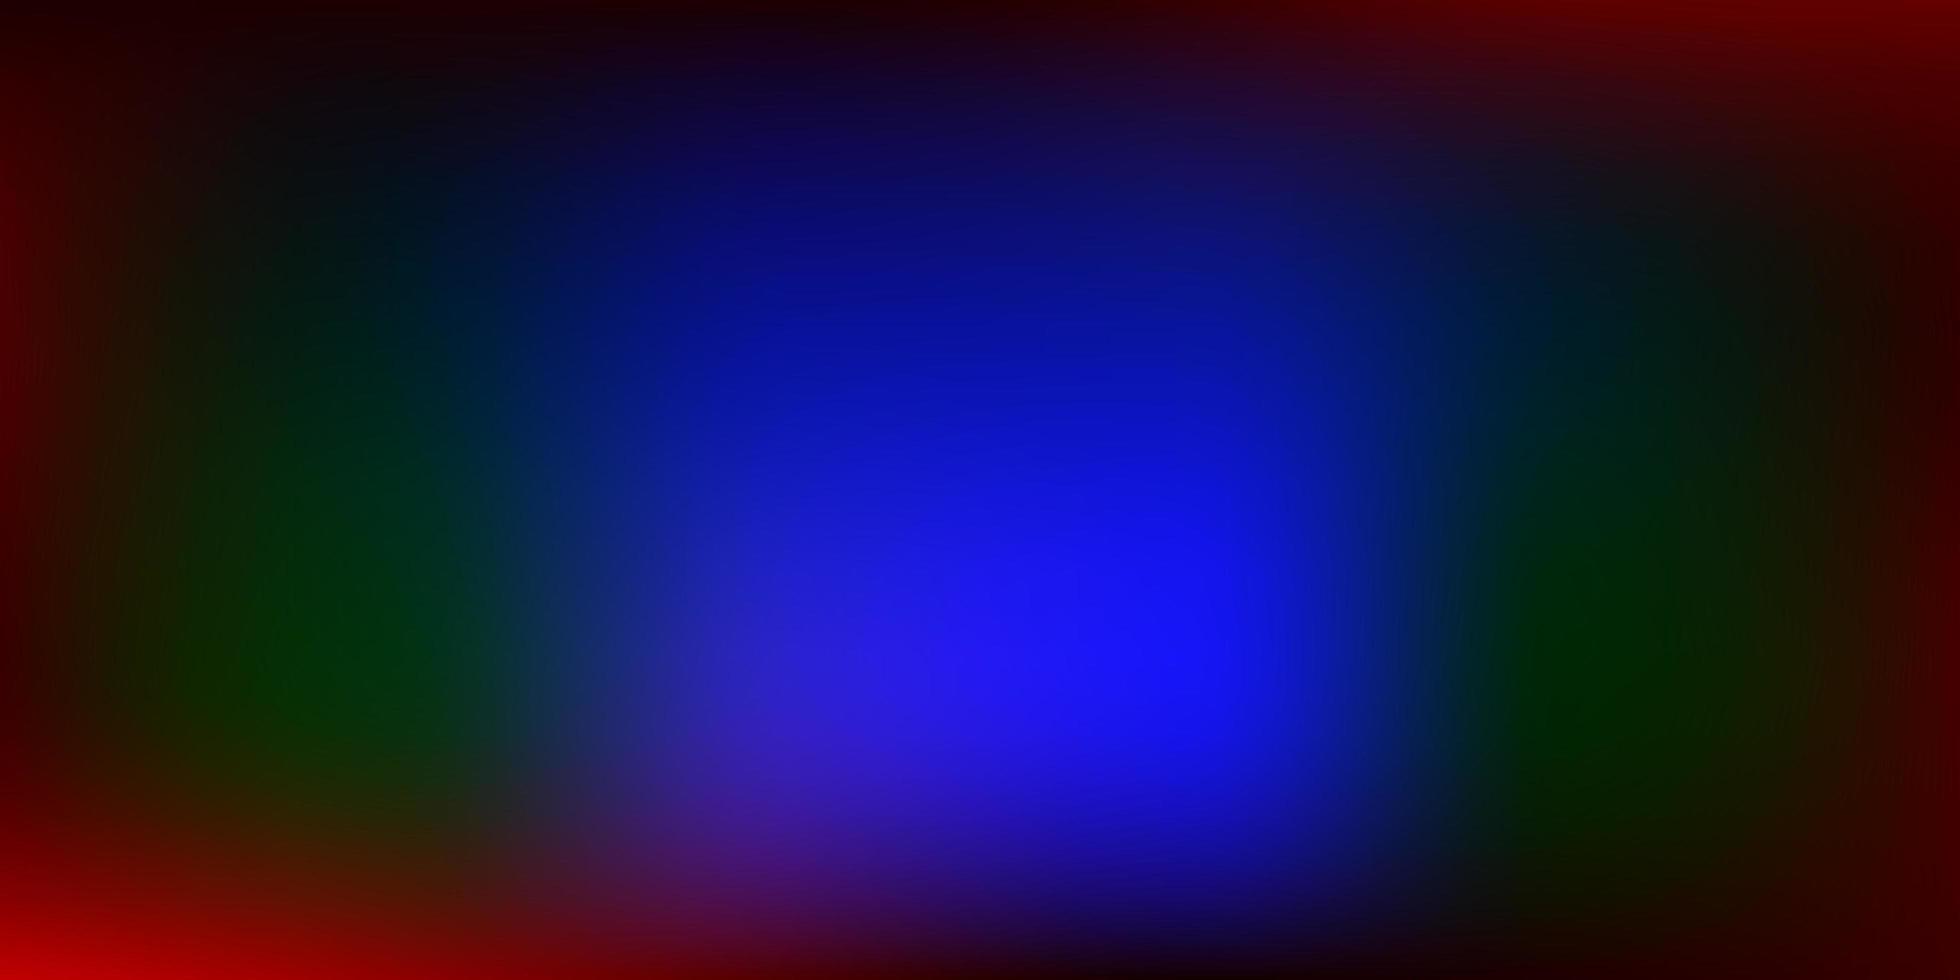 donkere veelkleurige vector onscherpe achtergrond.